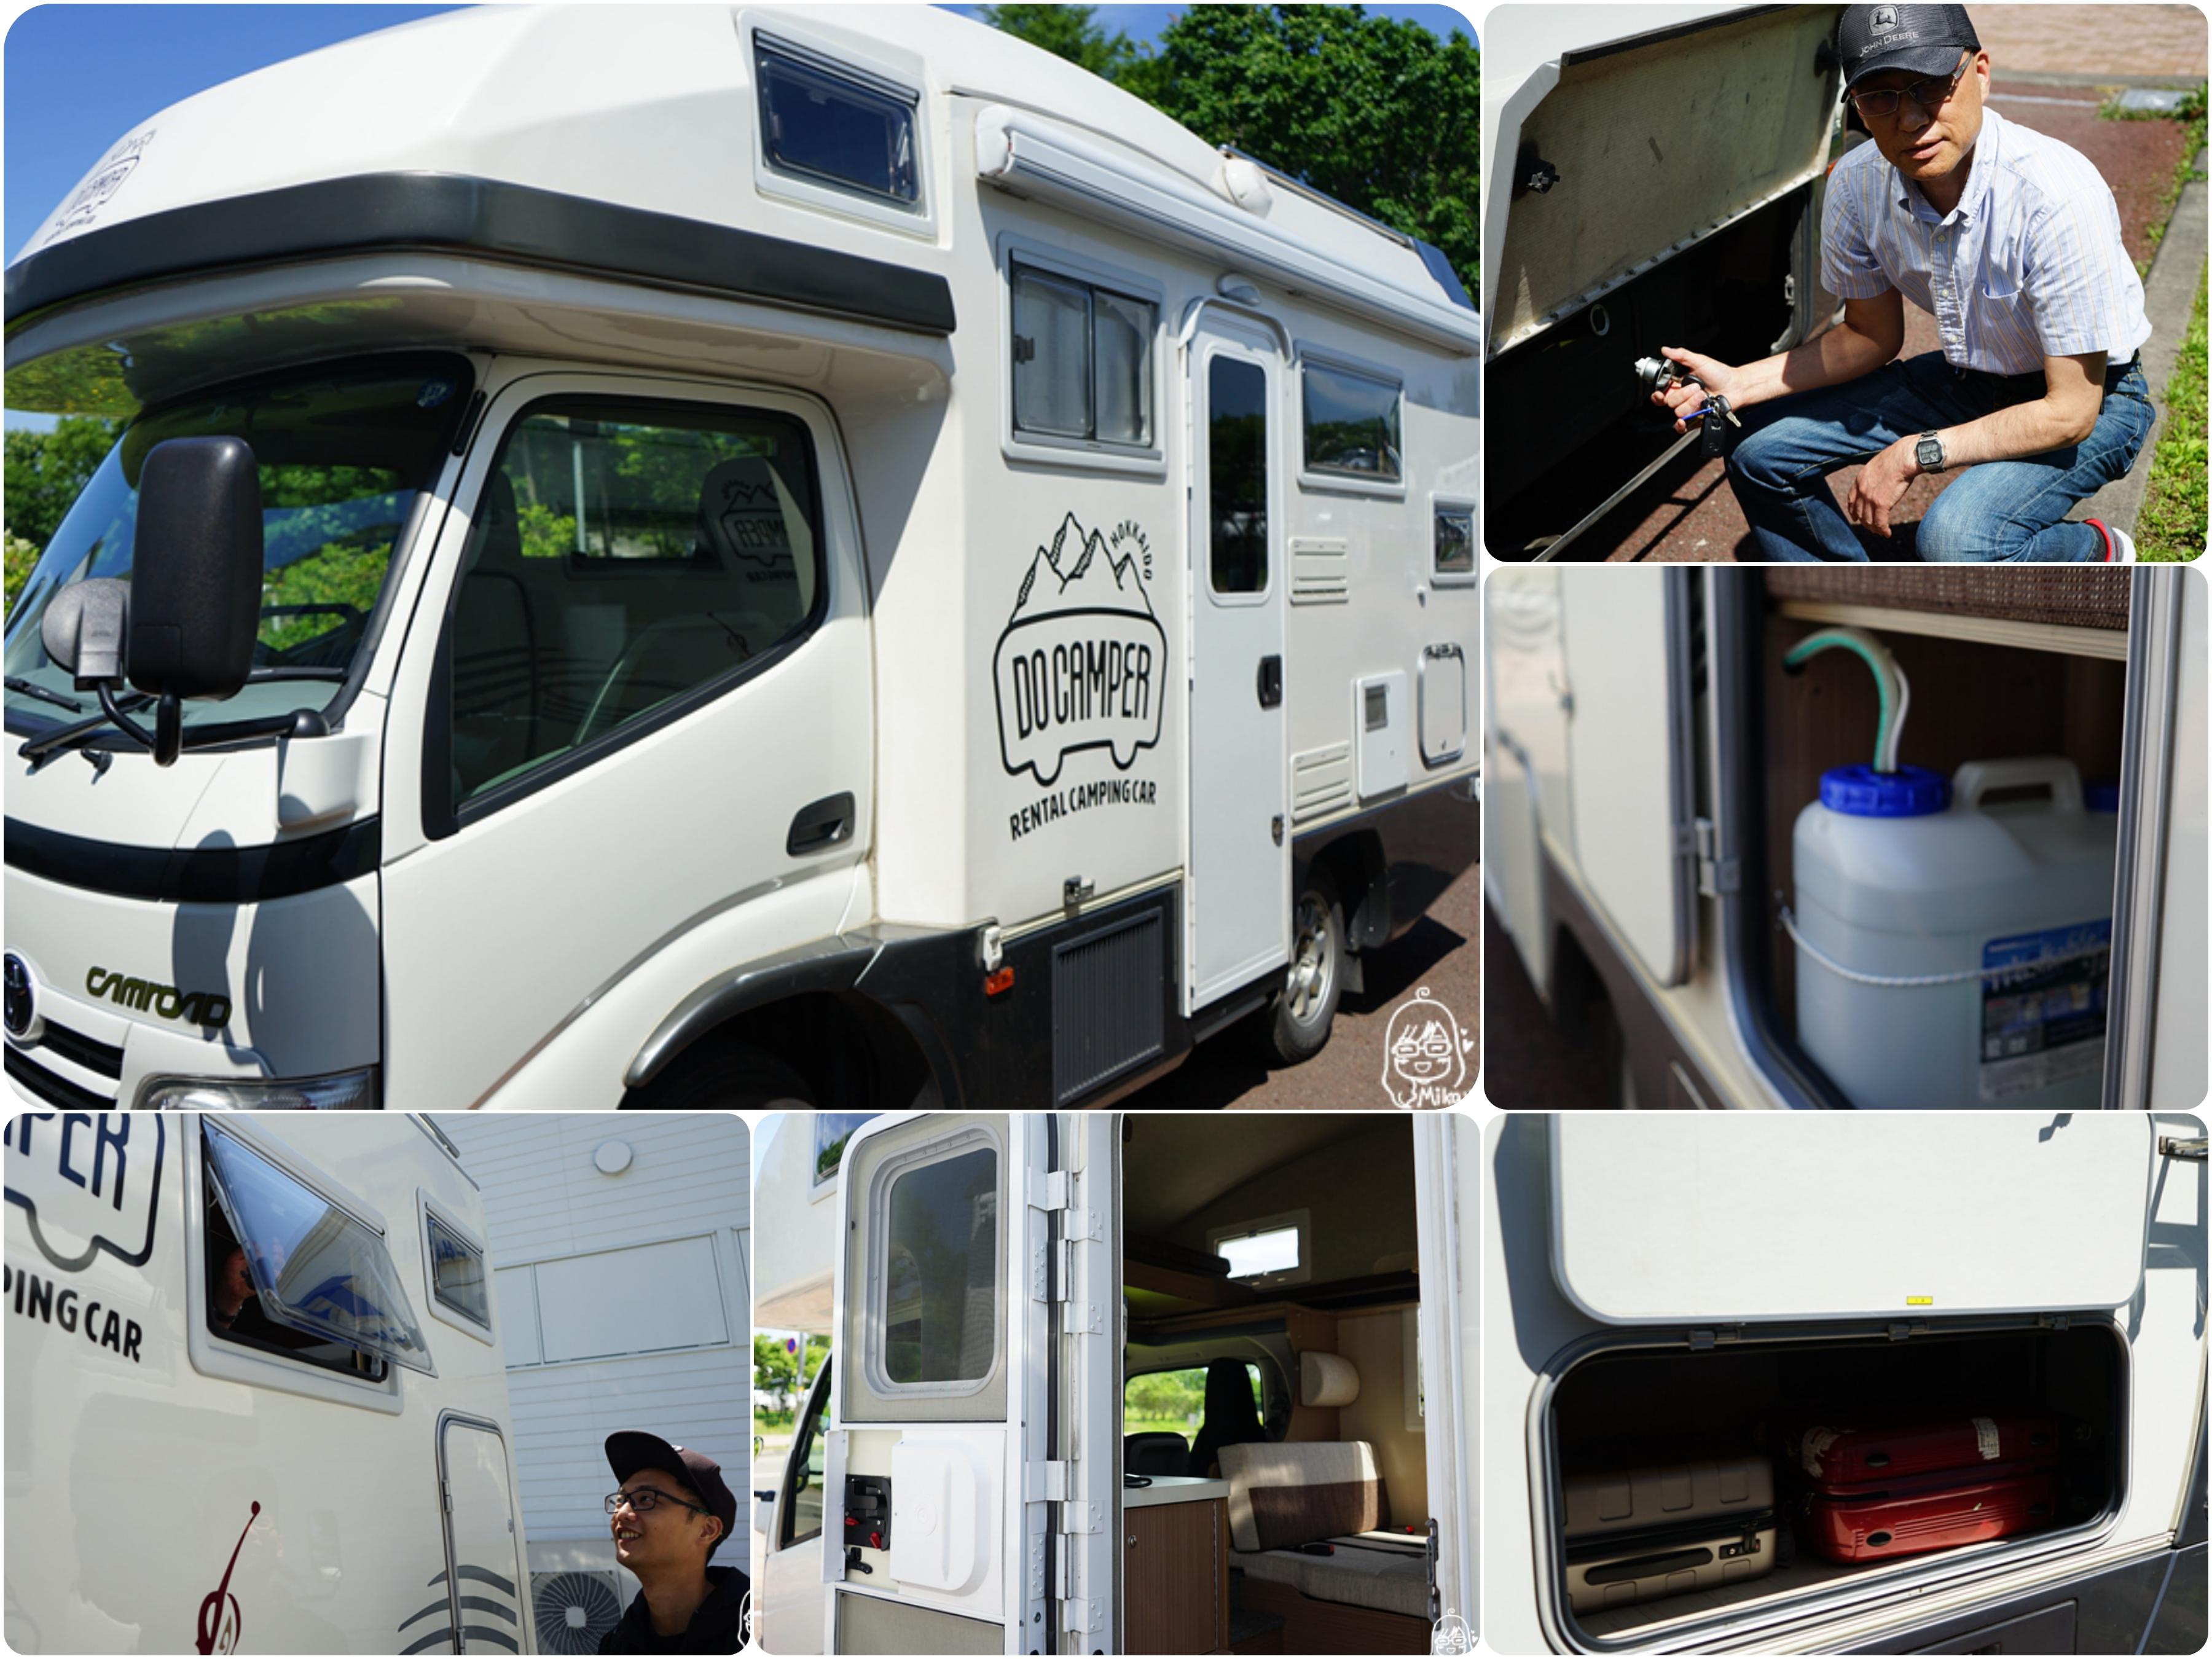 札幌Do Camper北海道南千歲露營車租借